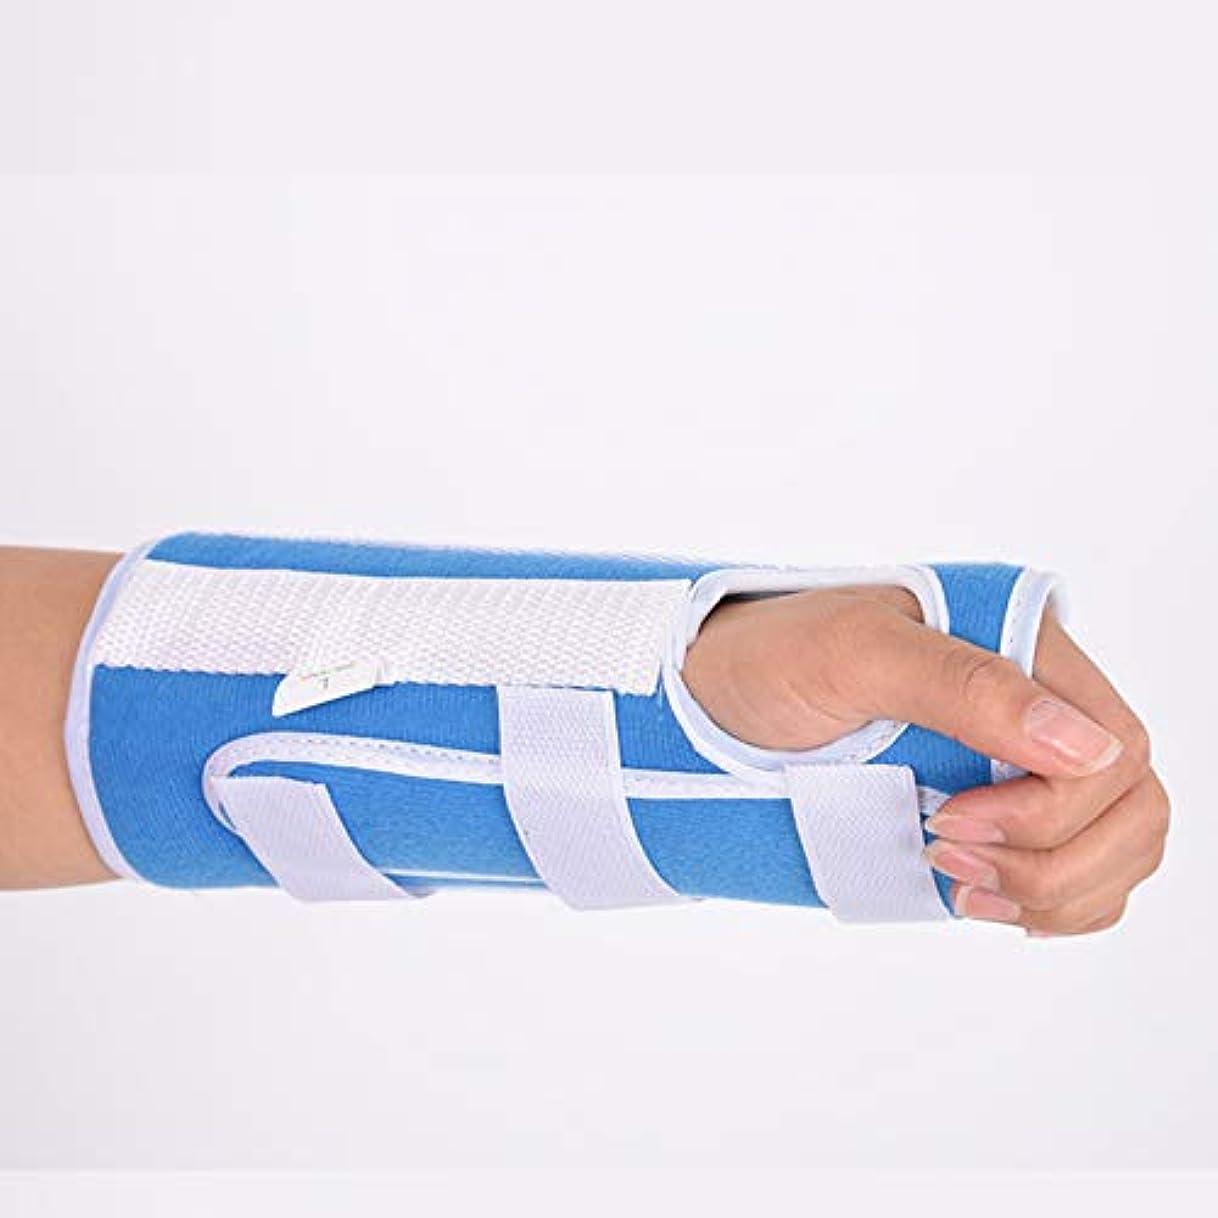 会議クラウン悪意のある手根管用手首装具、関節炎および腱炎用の快適で調整可能な手首支持装具、左手と右手の両方に適合,S